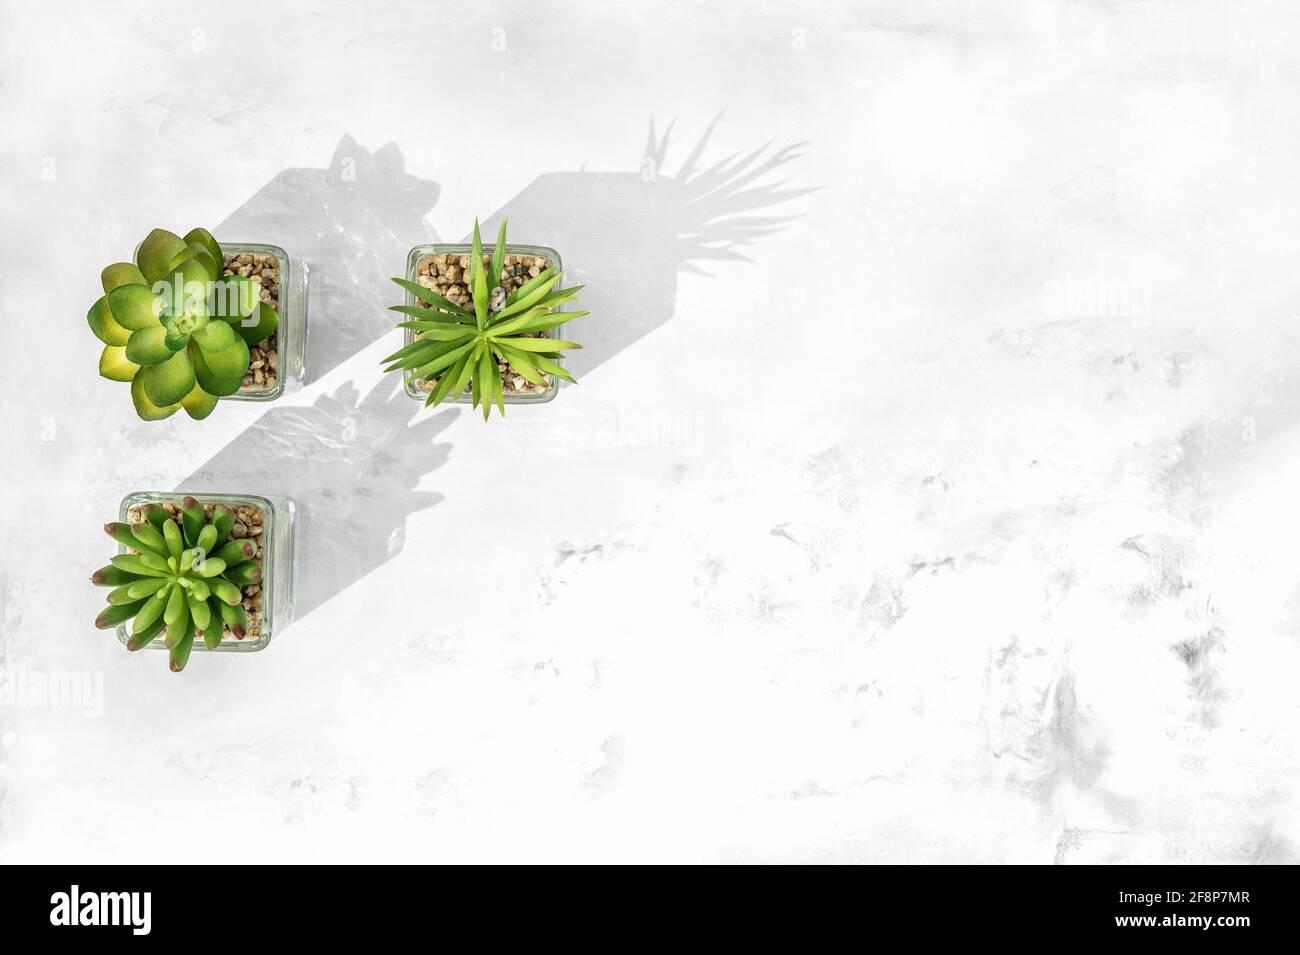 Plat floral avec de succulentes plantes sur fond de pierre de marbre Banque D'Images